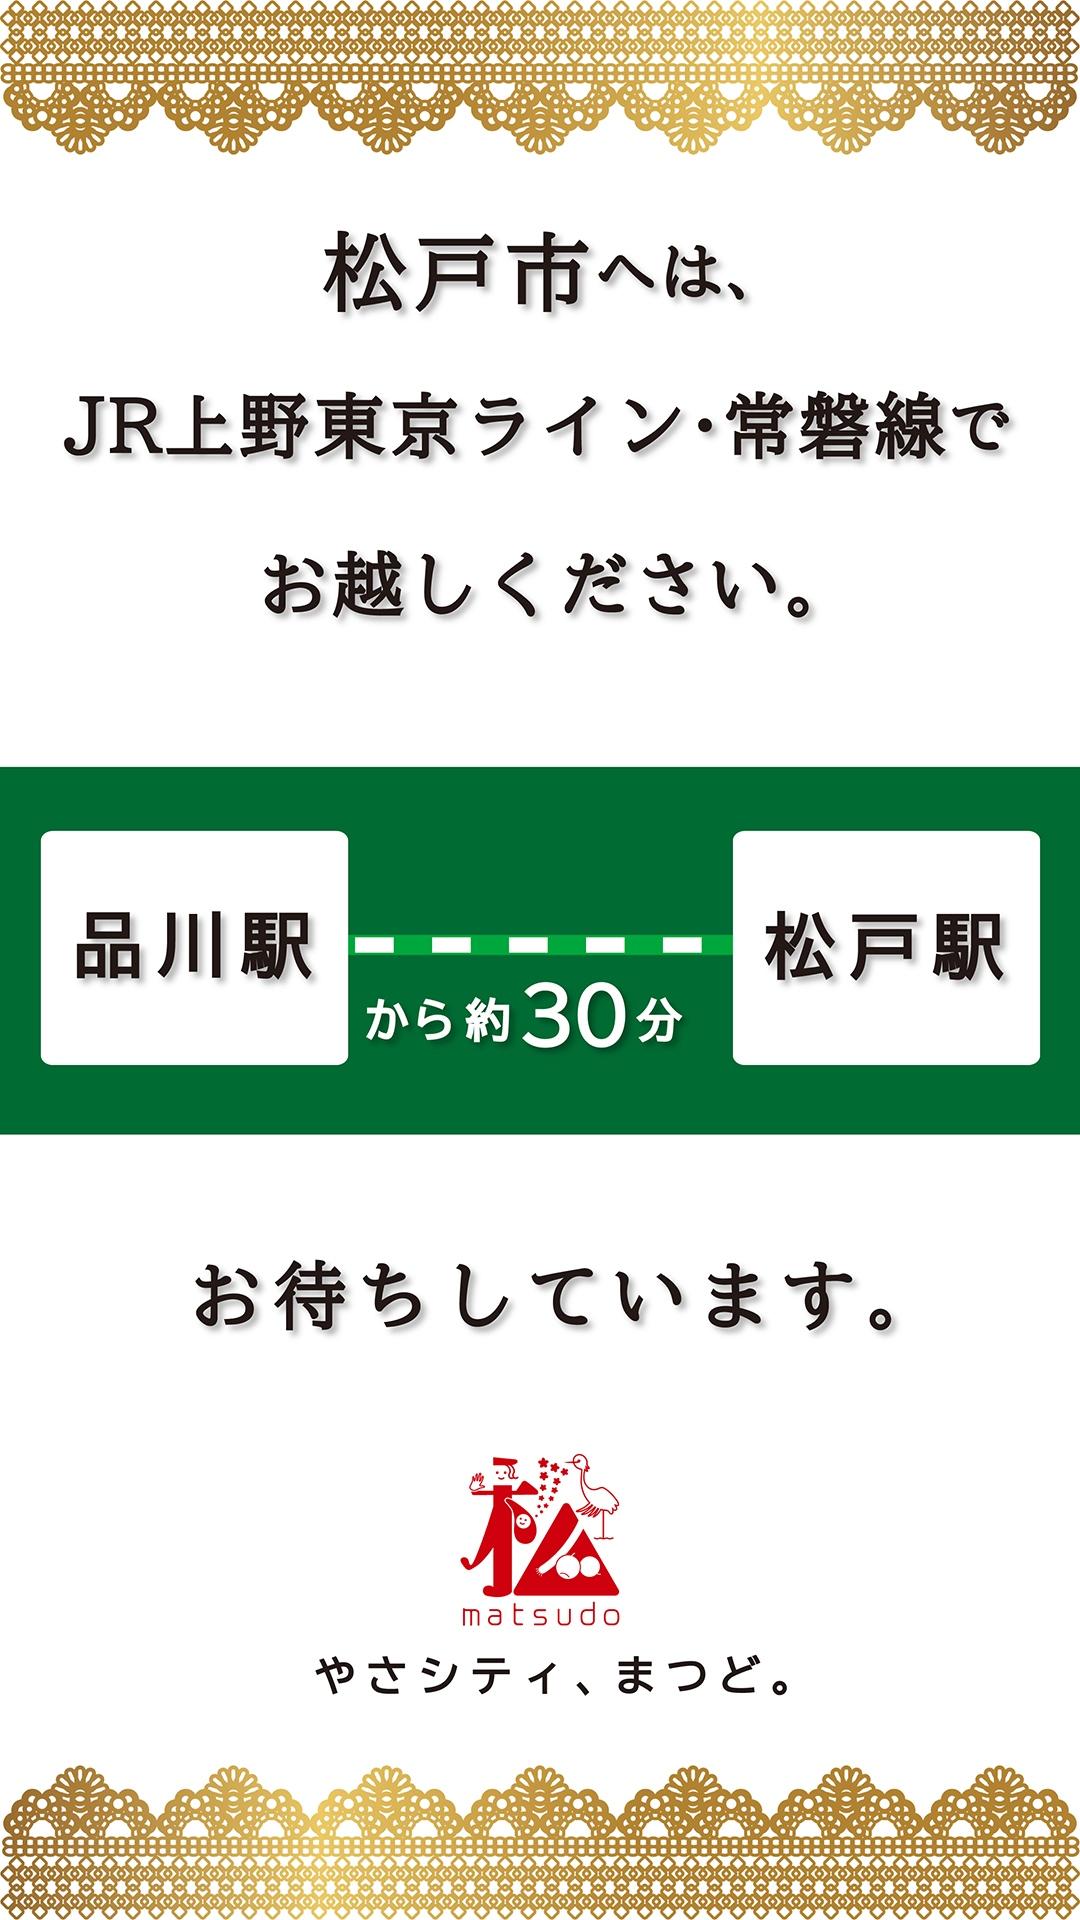 品川駅デジタルサイネージ4